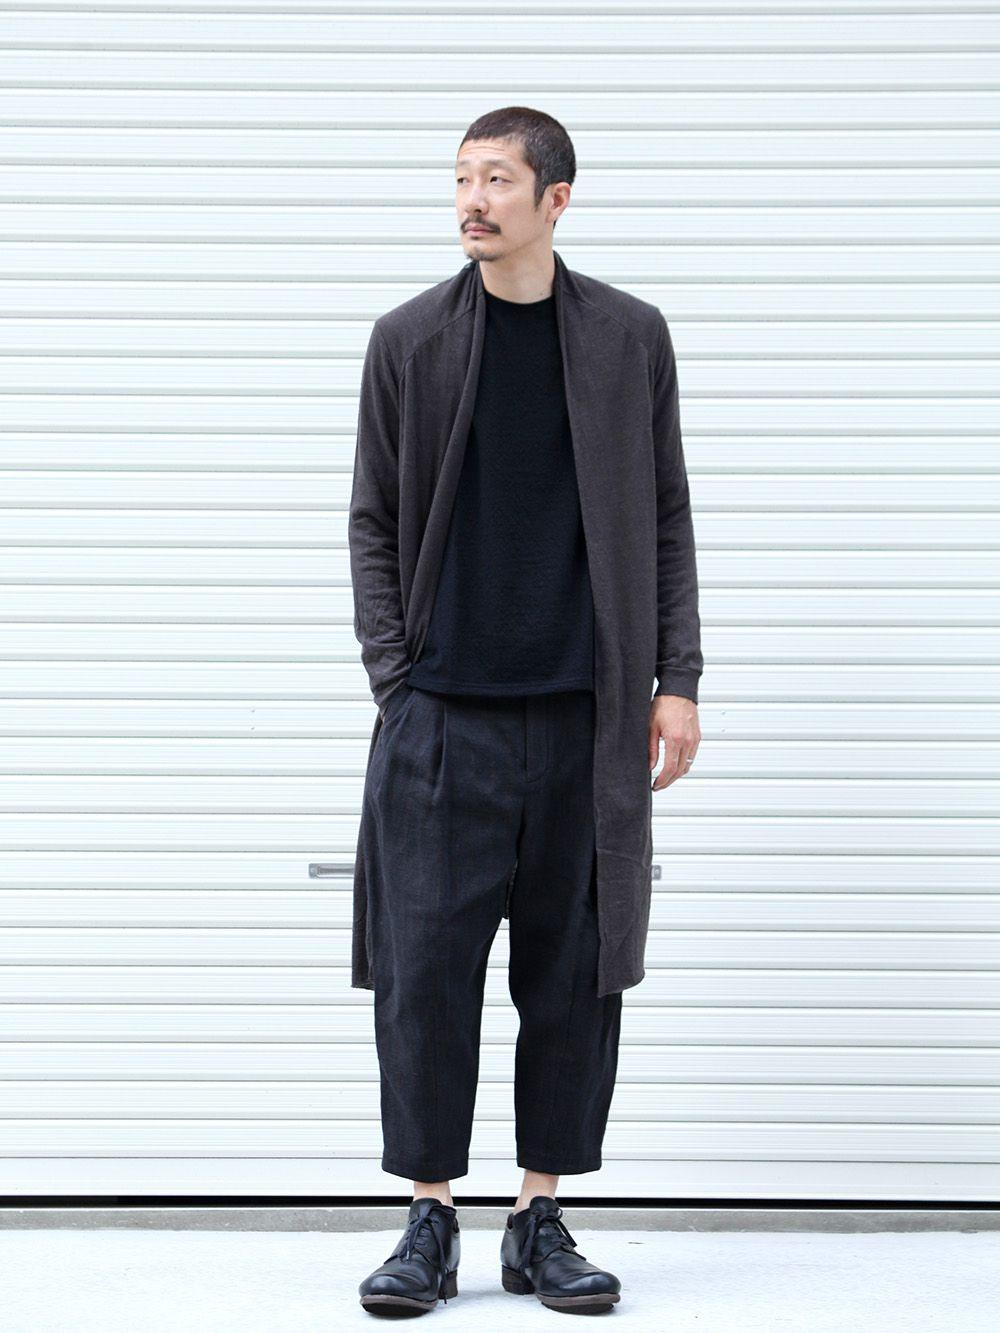 DEVOA 19-20AW wool x alpaca jersey Cardigan Style - 1-001